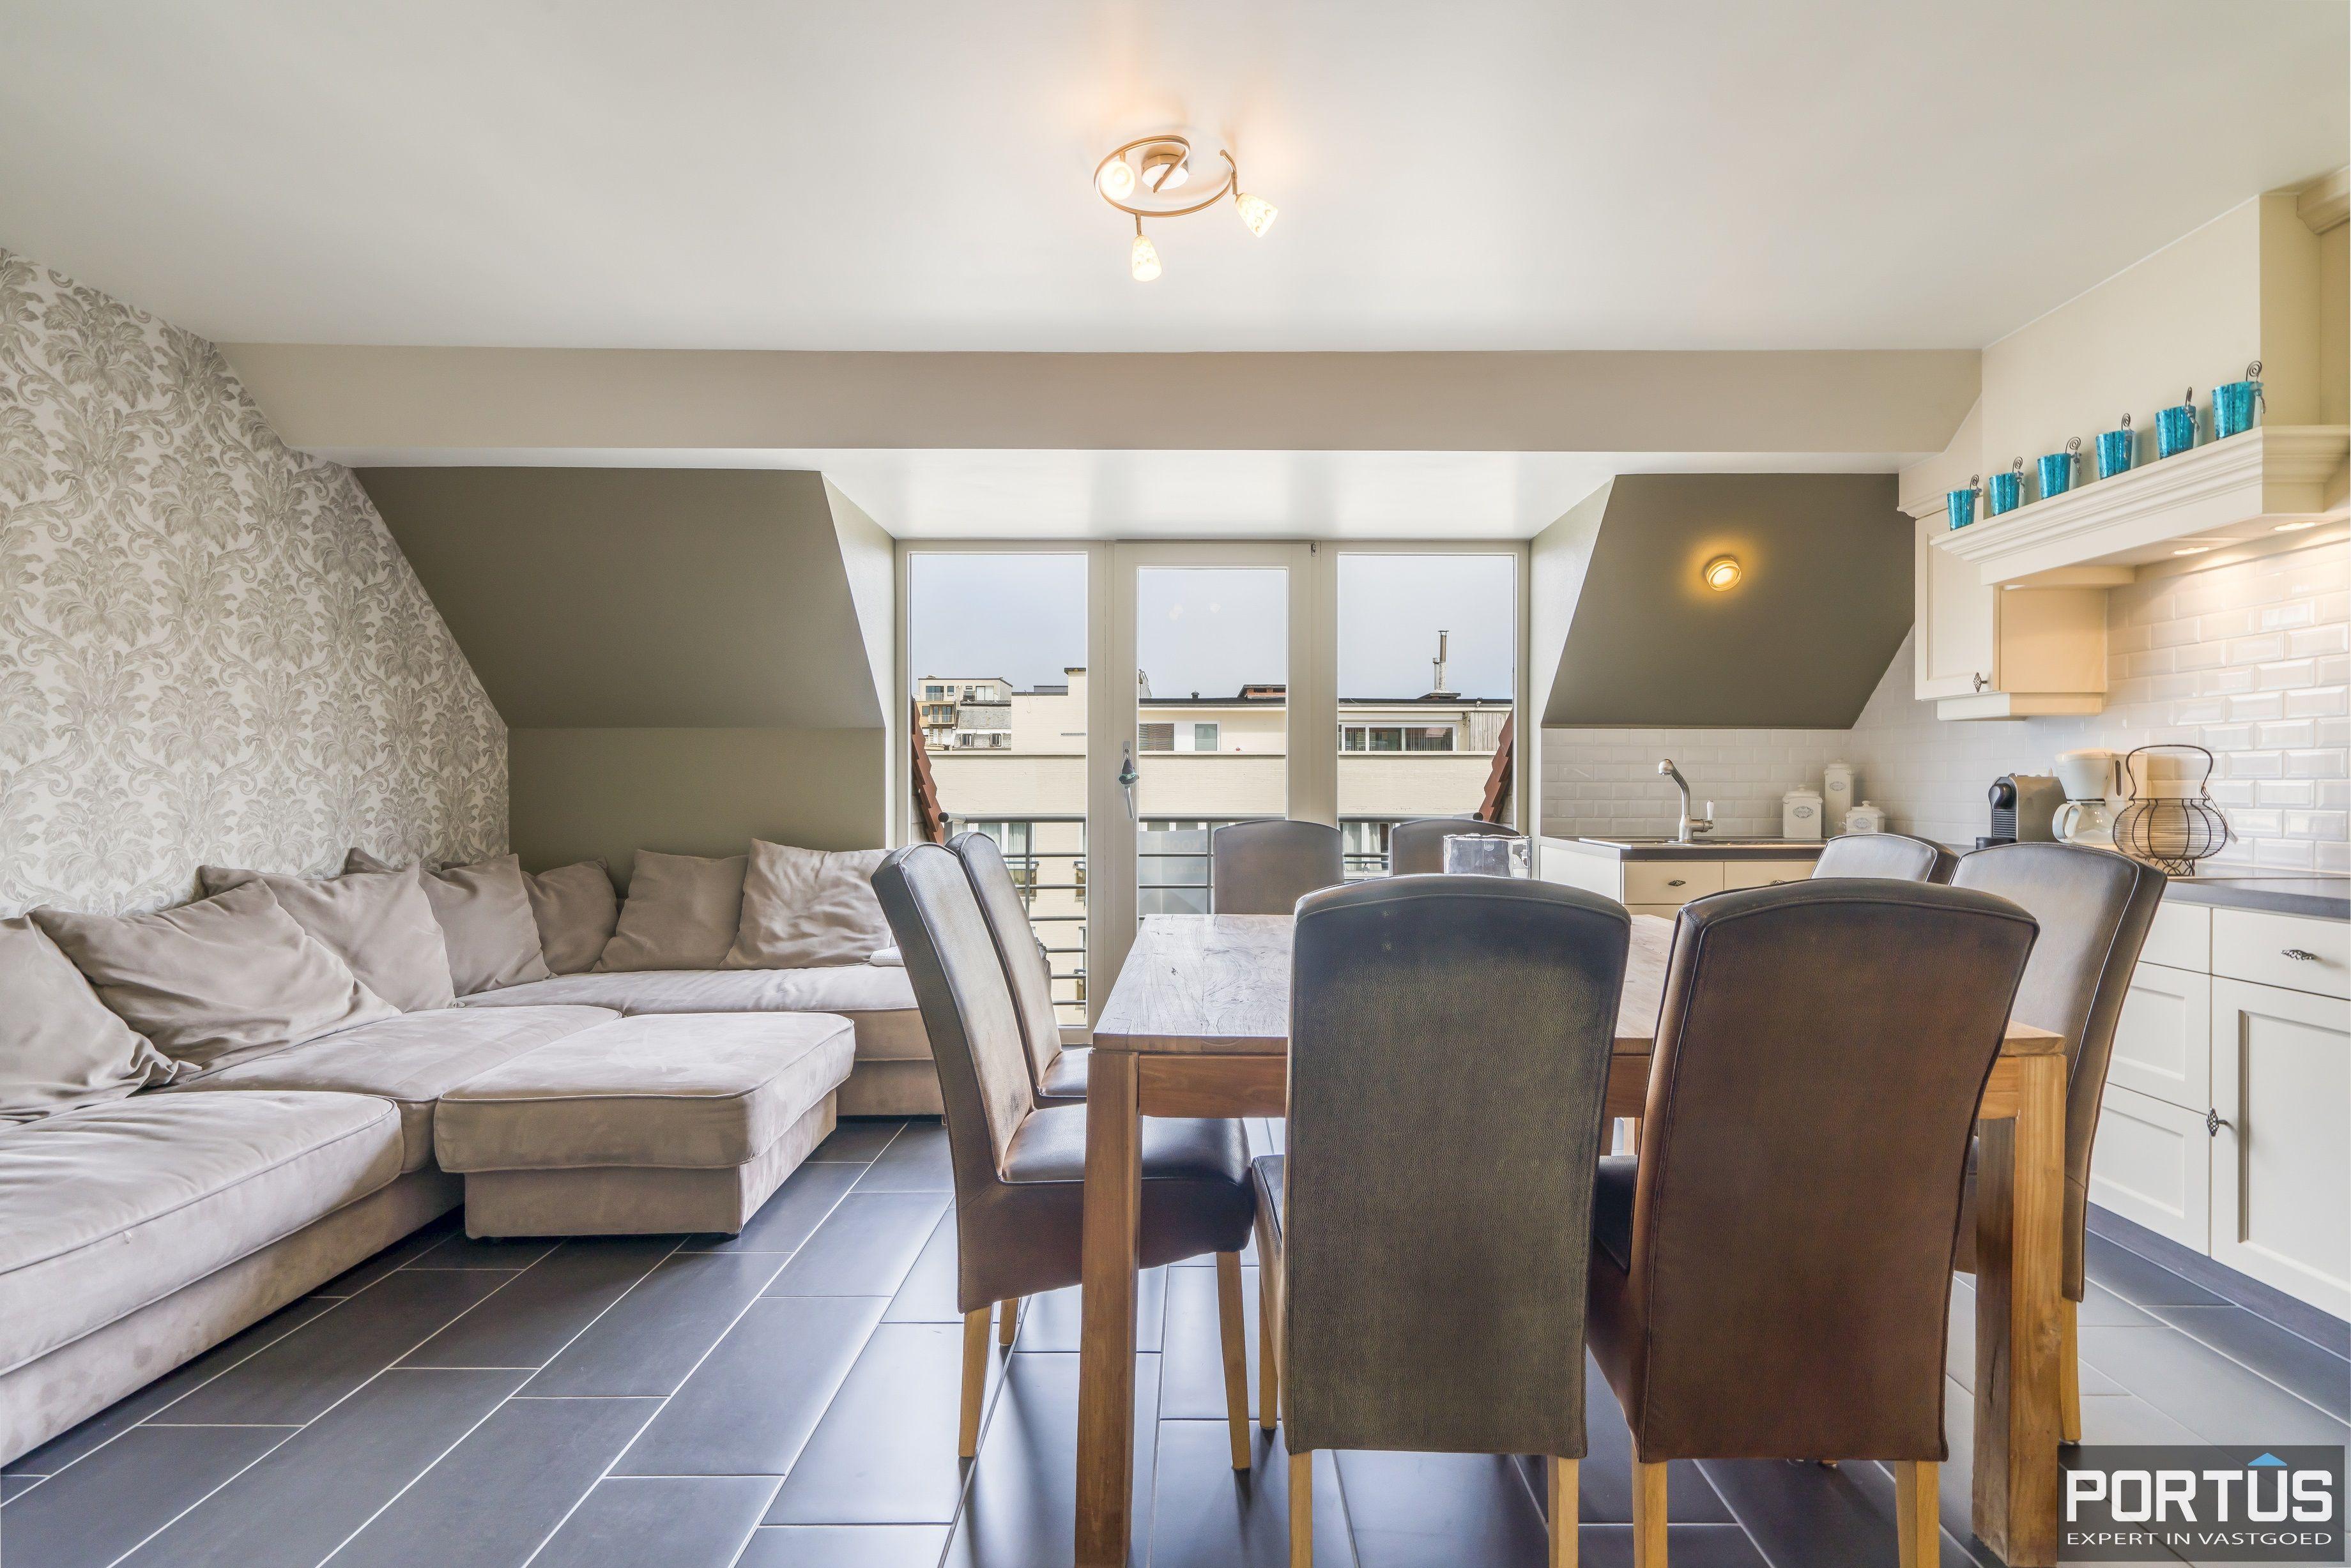 Appartement op wandelafstand van het strand te koop te Nieuwpoort-Bad - 13881